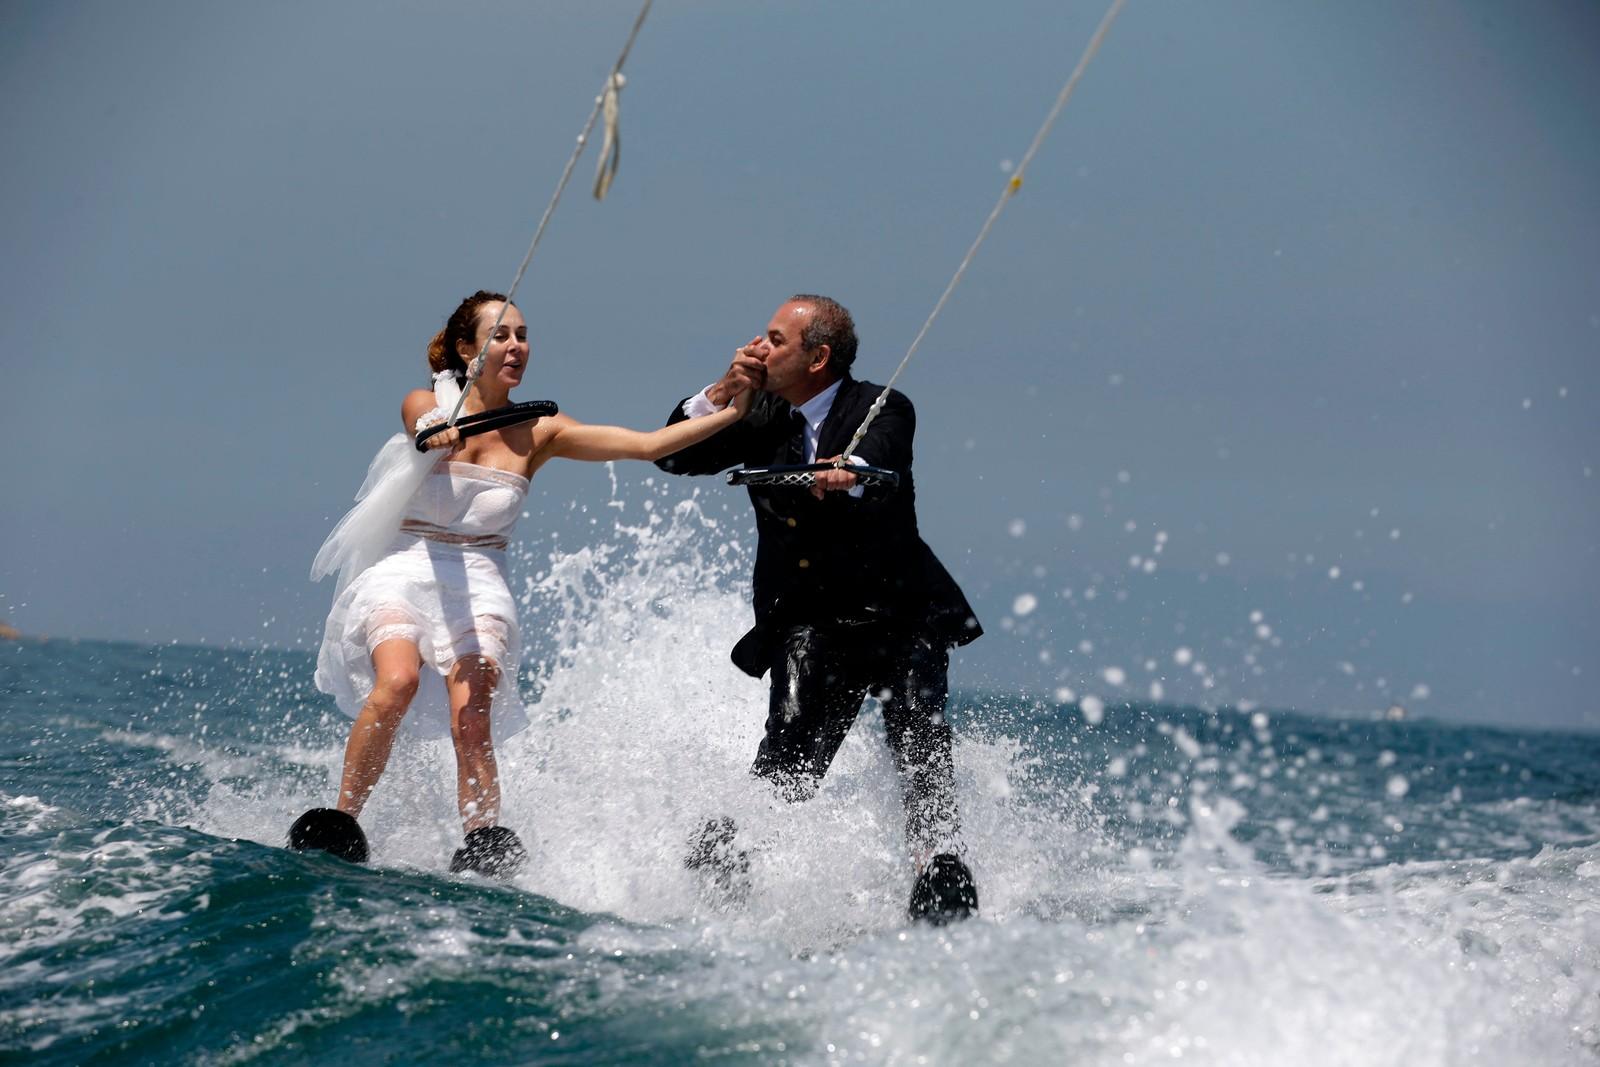 Libanesiske Tommy og Nadine ble neppe født med vannski på beina, men valgte å feire giftemålet med tur i det våte element.